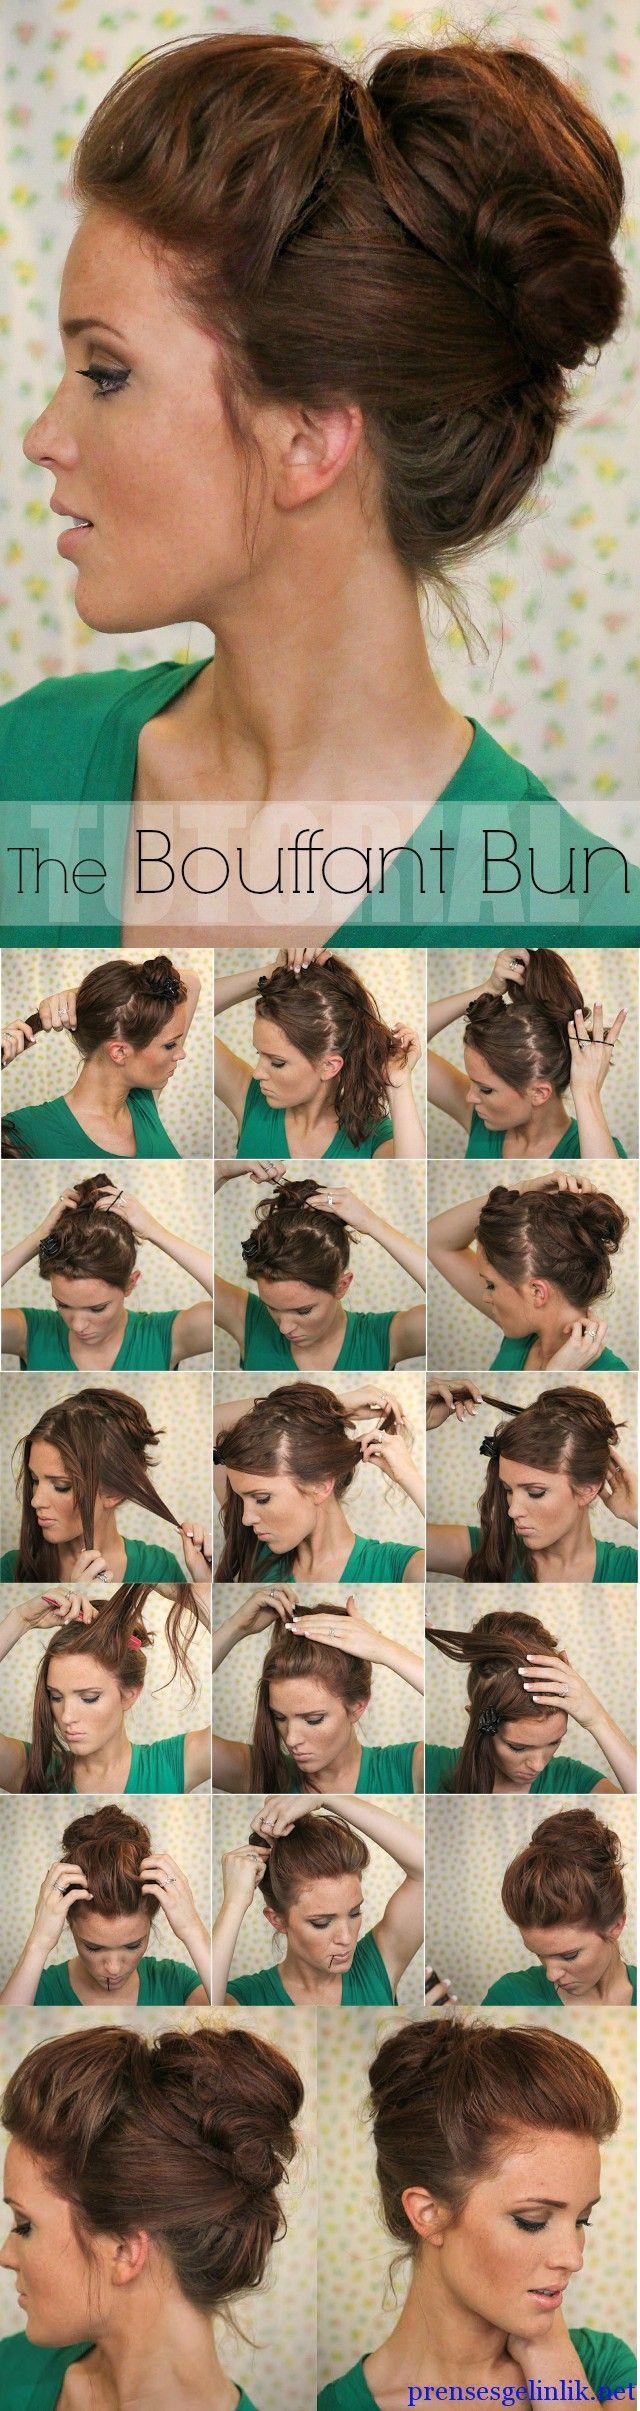 Ev kolay saç yapım modelleri Evde kolay yapılan saç modelleri 2014: